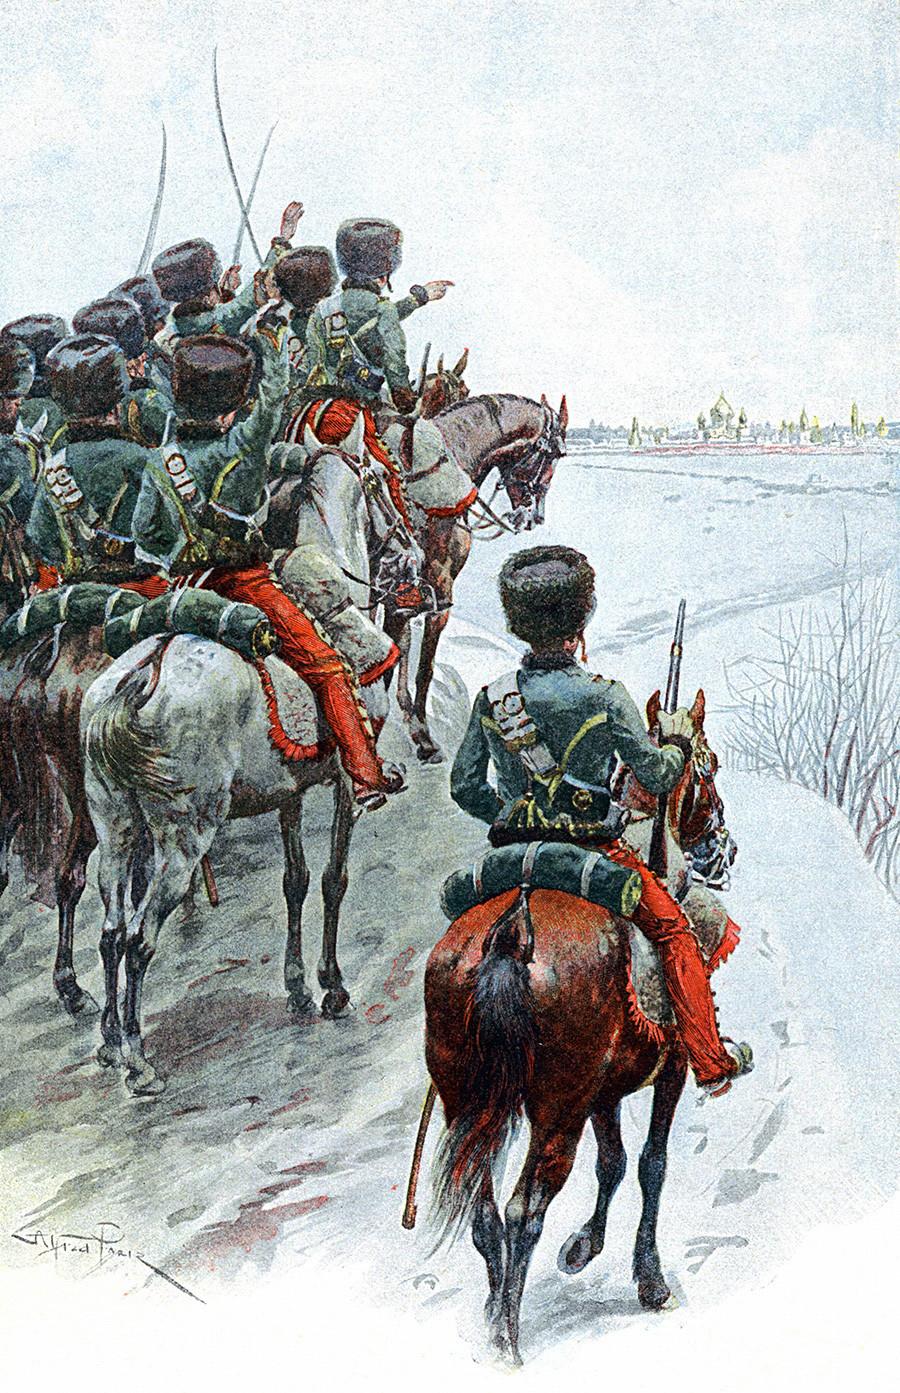 Великата армия на Наполеон в предградията на Москва, 1812 г. Илюстрация, началото на 20 в.